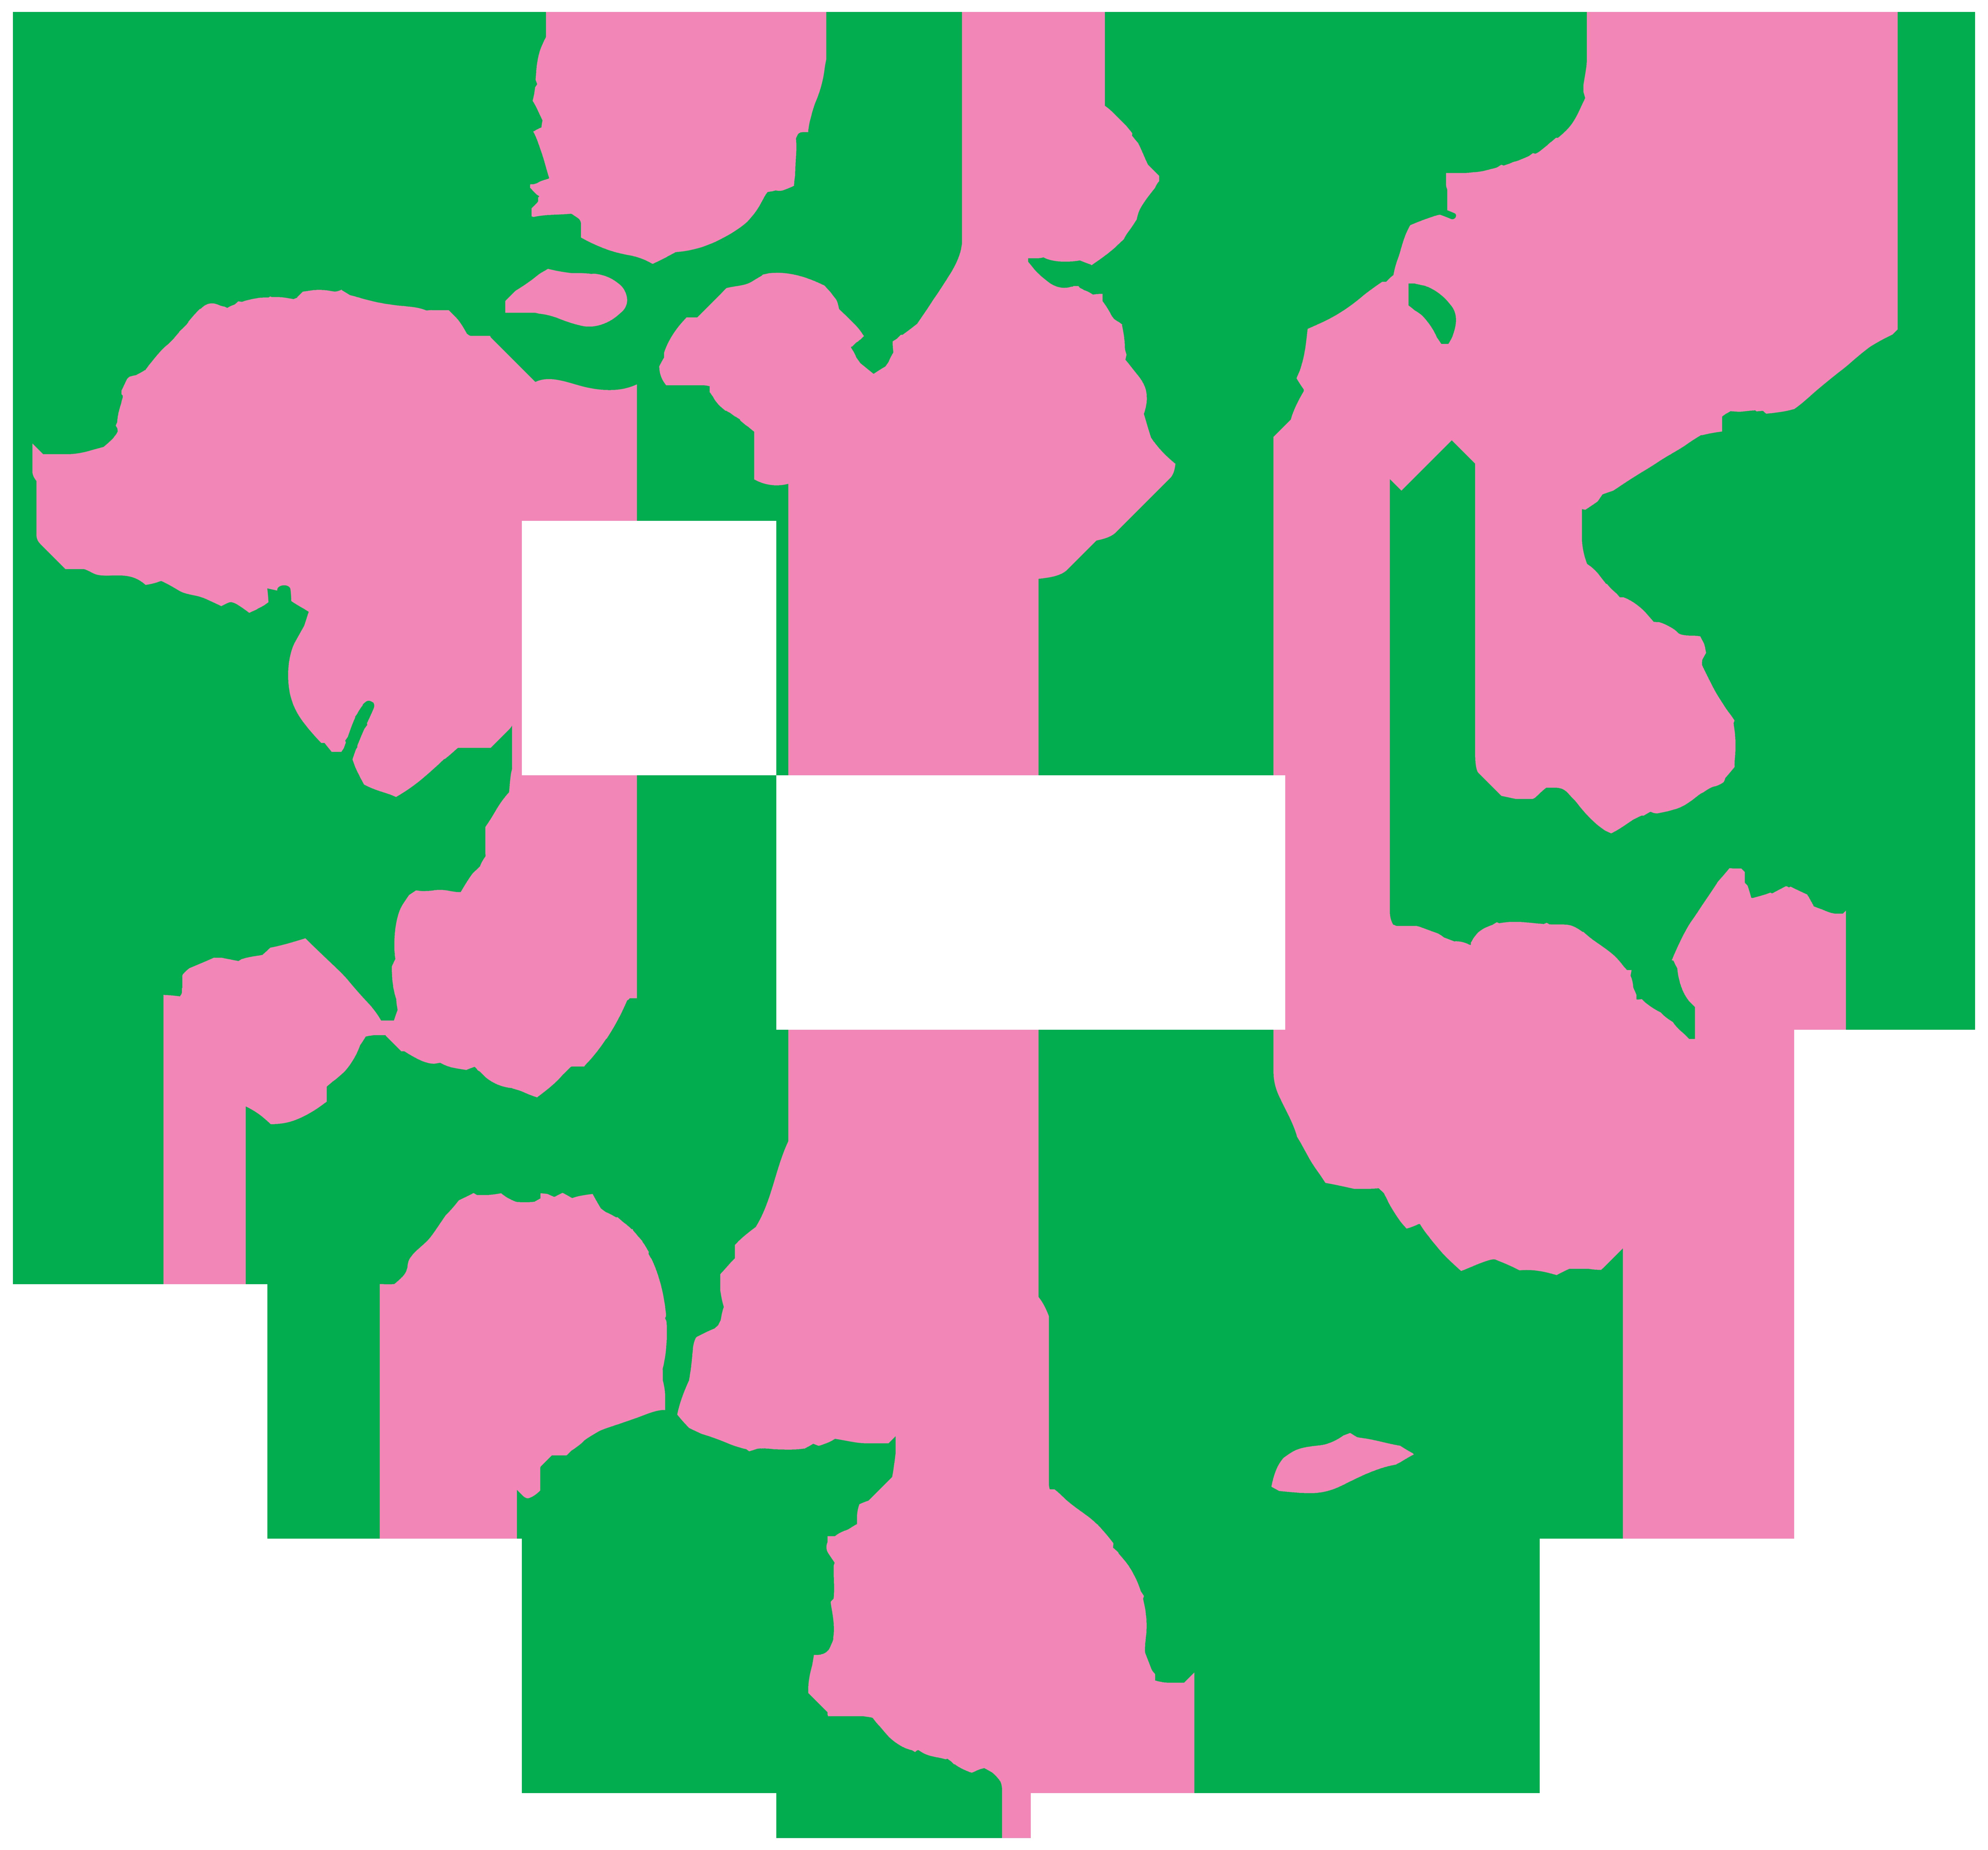 Clipart design rose. Pink heart border png